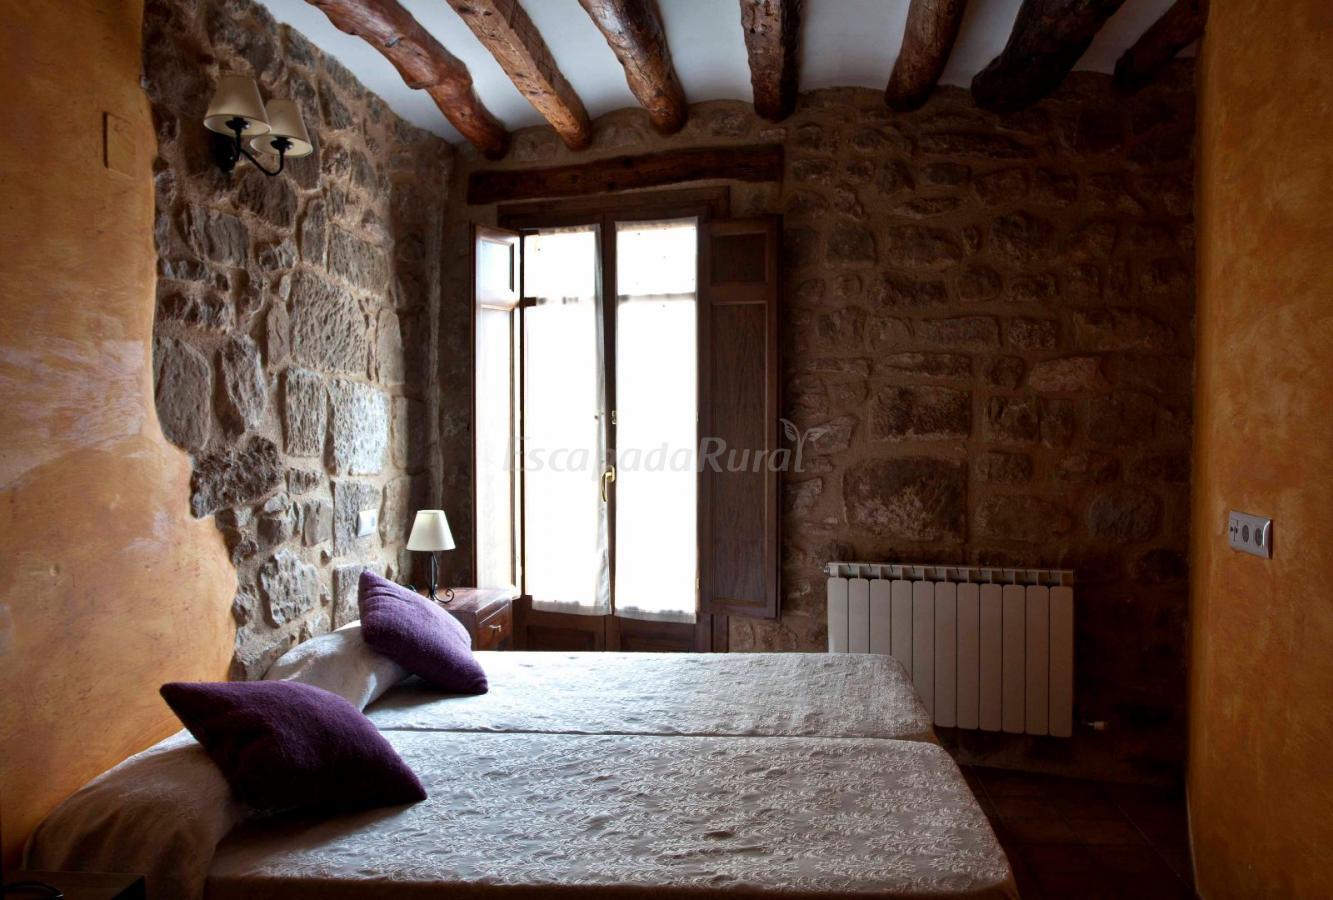 Fotos de la morada del cura casa rural en fuentespalda teruel - La casa del cura teruel ...